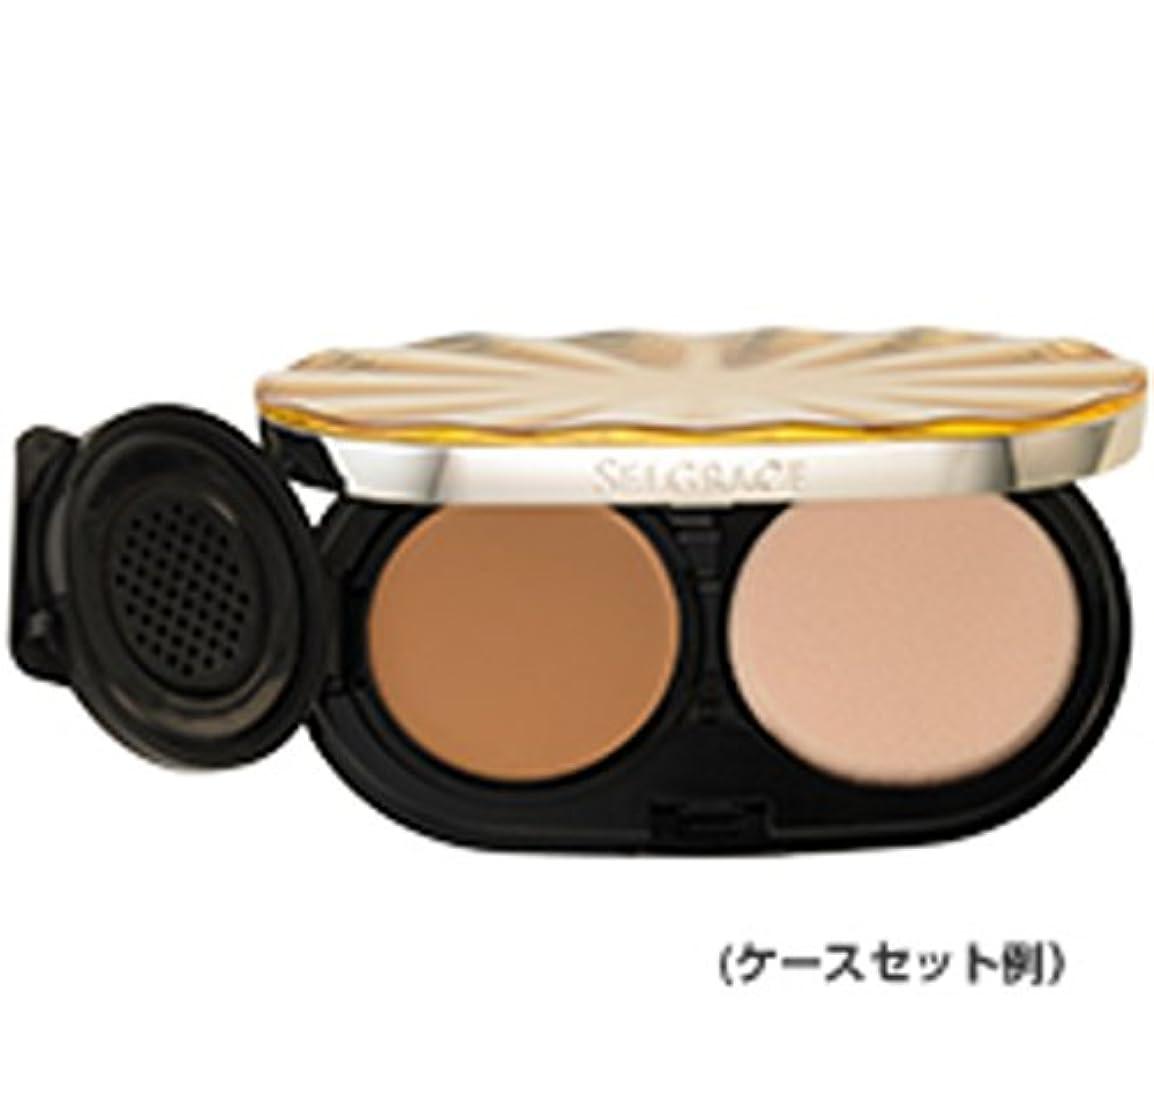 ナリス化粧品 セルグレース ベースインパクト ファンデーション 130 ライトピンクベージュ レフィル (スポンジ付き)